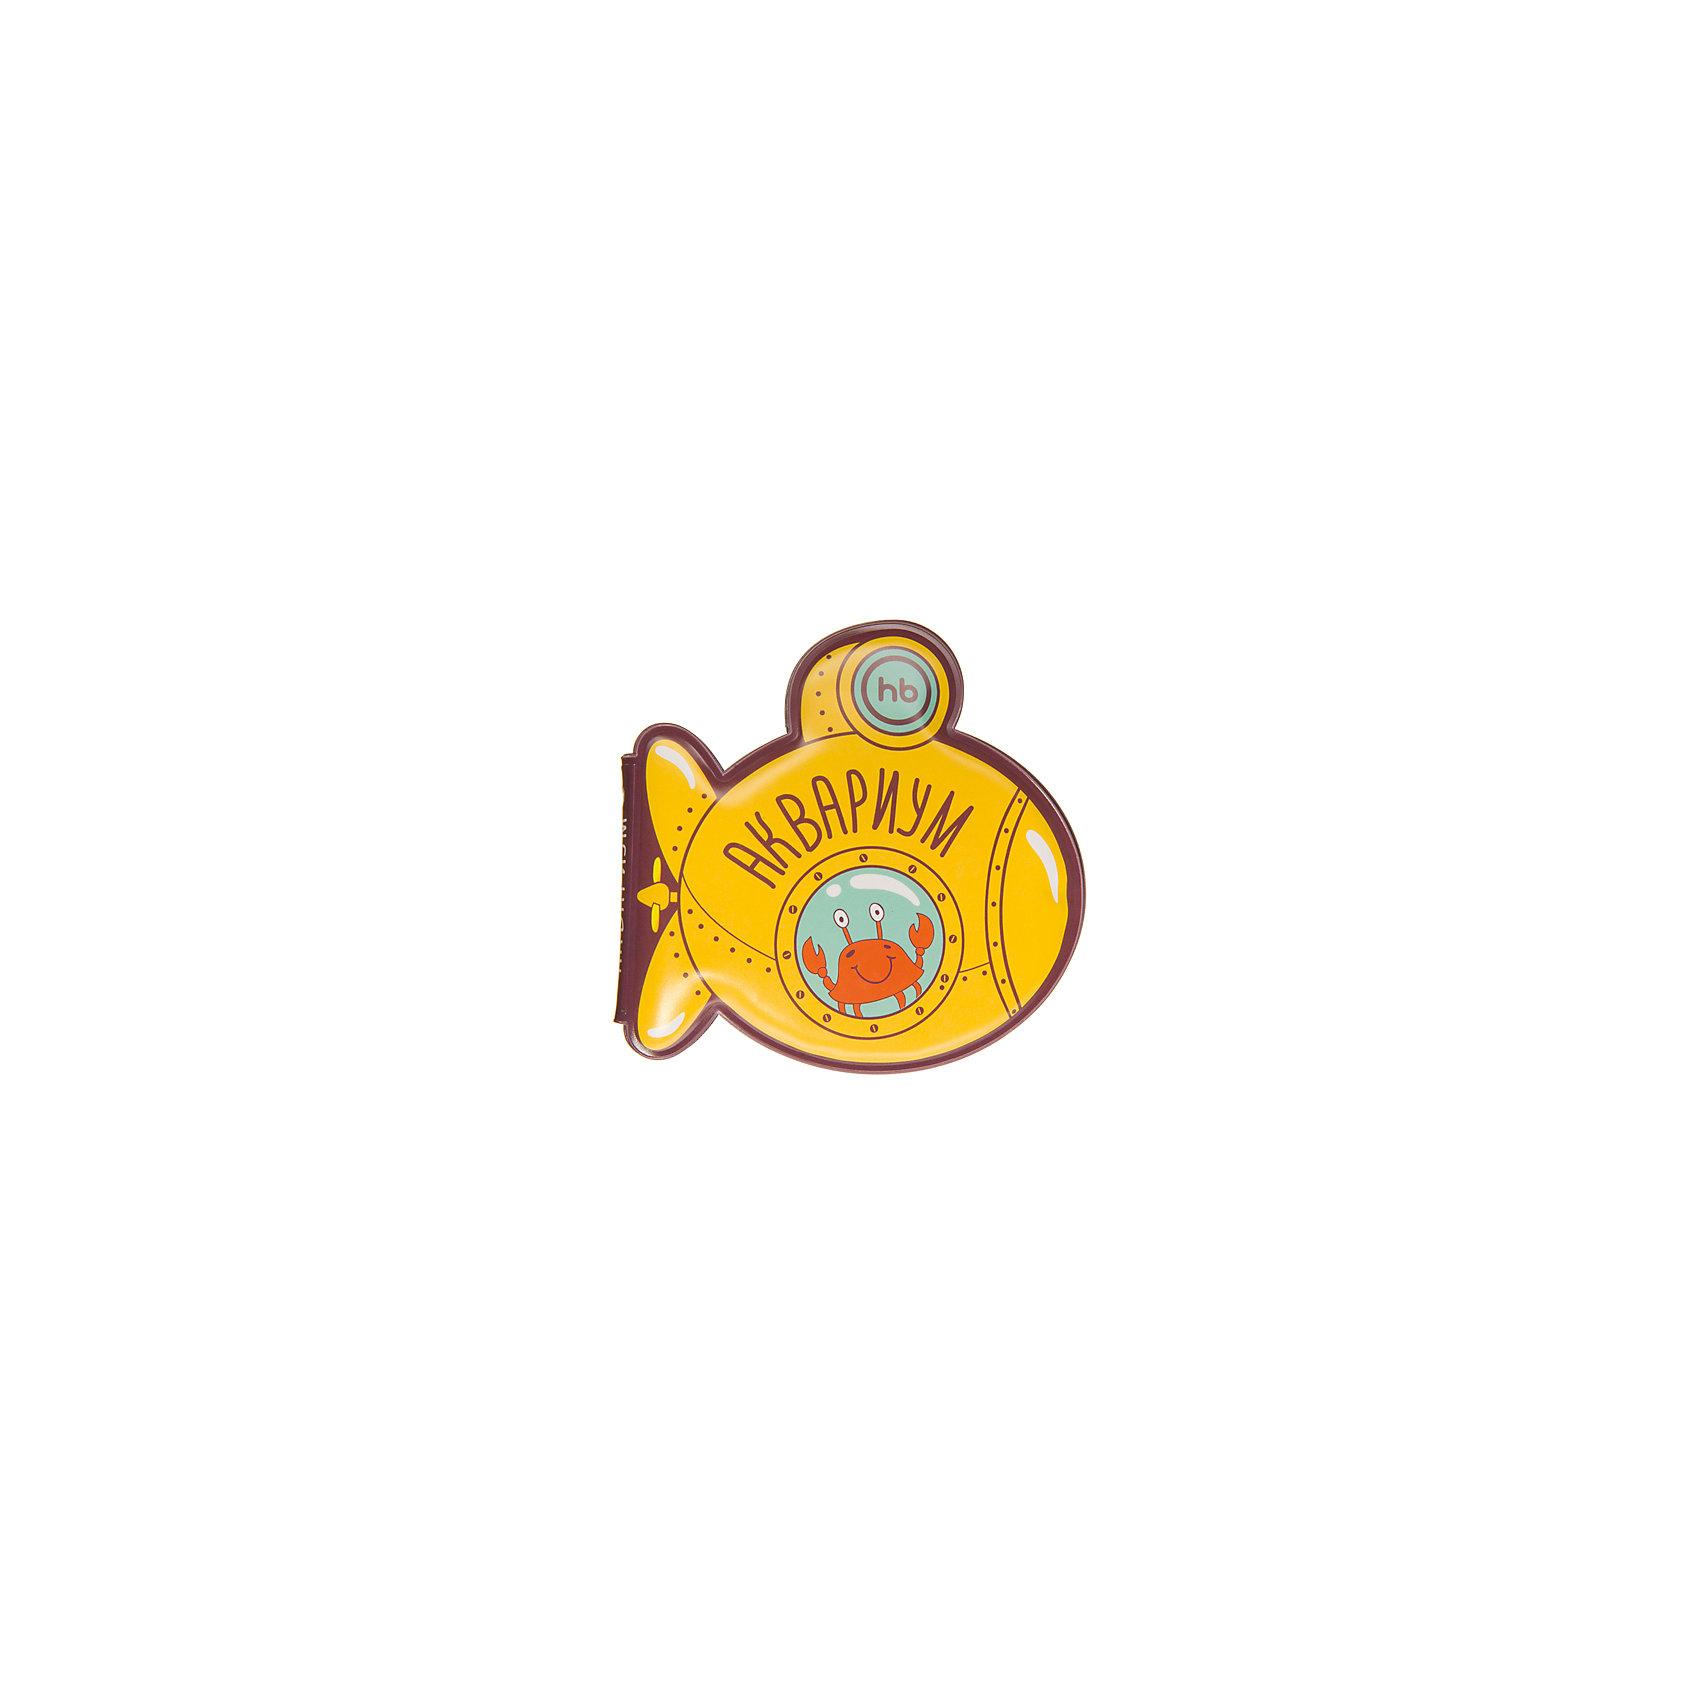 Книжка-Игрушка для ванной AQUARIUM, Happy BabyИгрушки ПВХ<br><br><br>Ширина мм: 3<br>Глубина мм: 15<br>Высота мм: 17<br>Вес г: 0<br>Возраст от месяцев: 0<br>Возраст до месяцев: 36<br>Пол: Унисекс<br>Возраст: Детский<br>SKU: 5345700